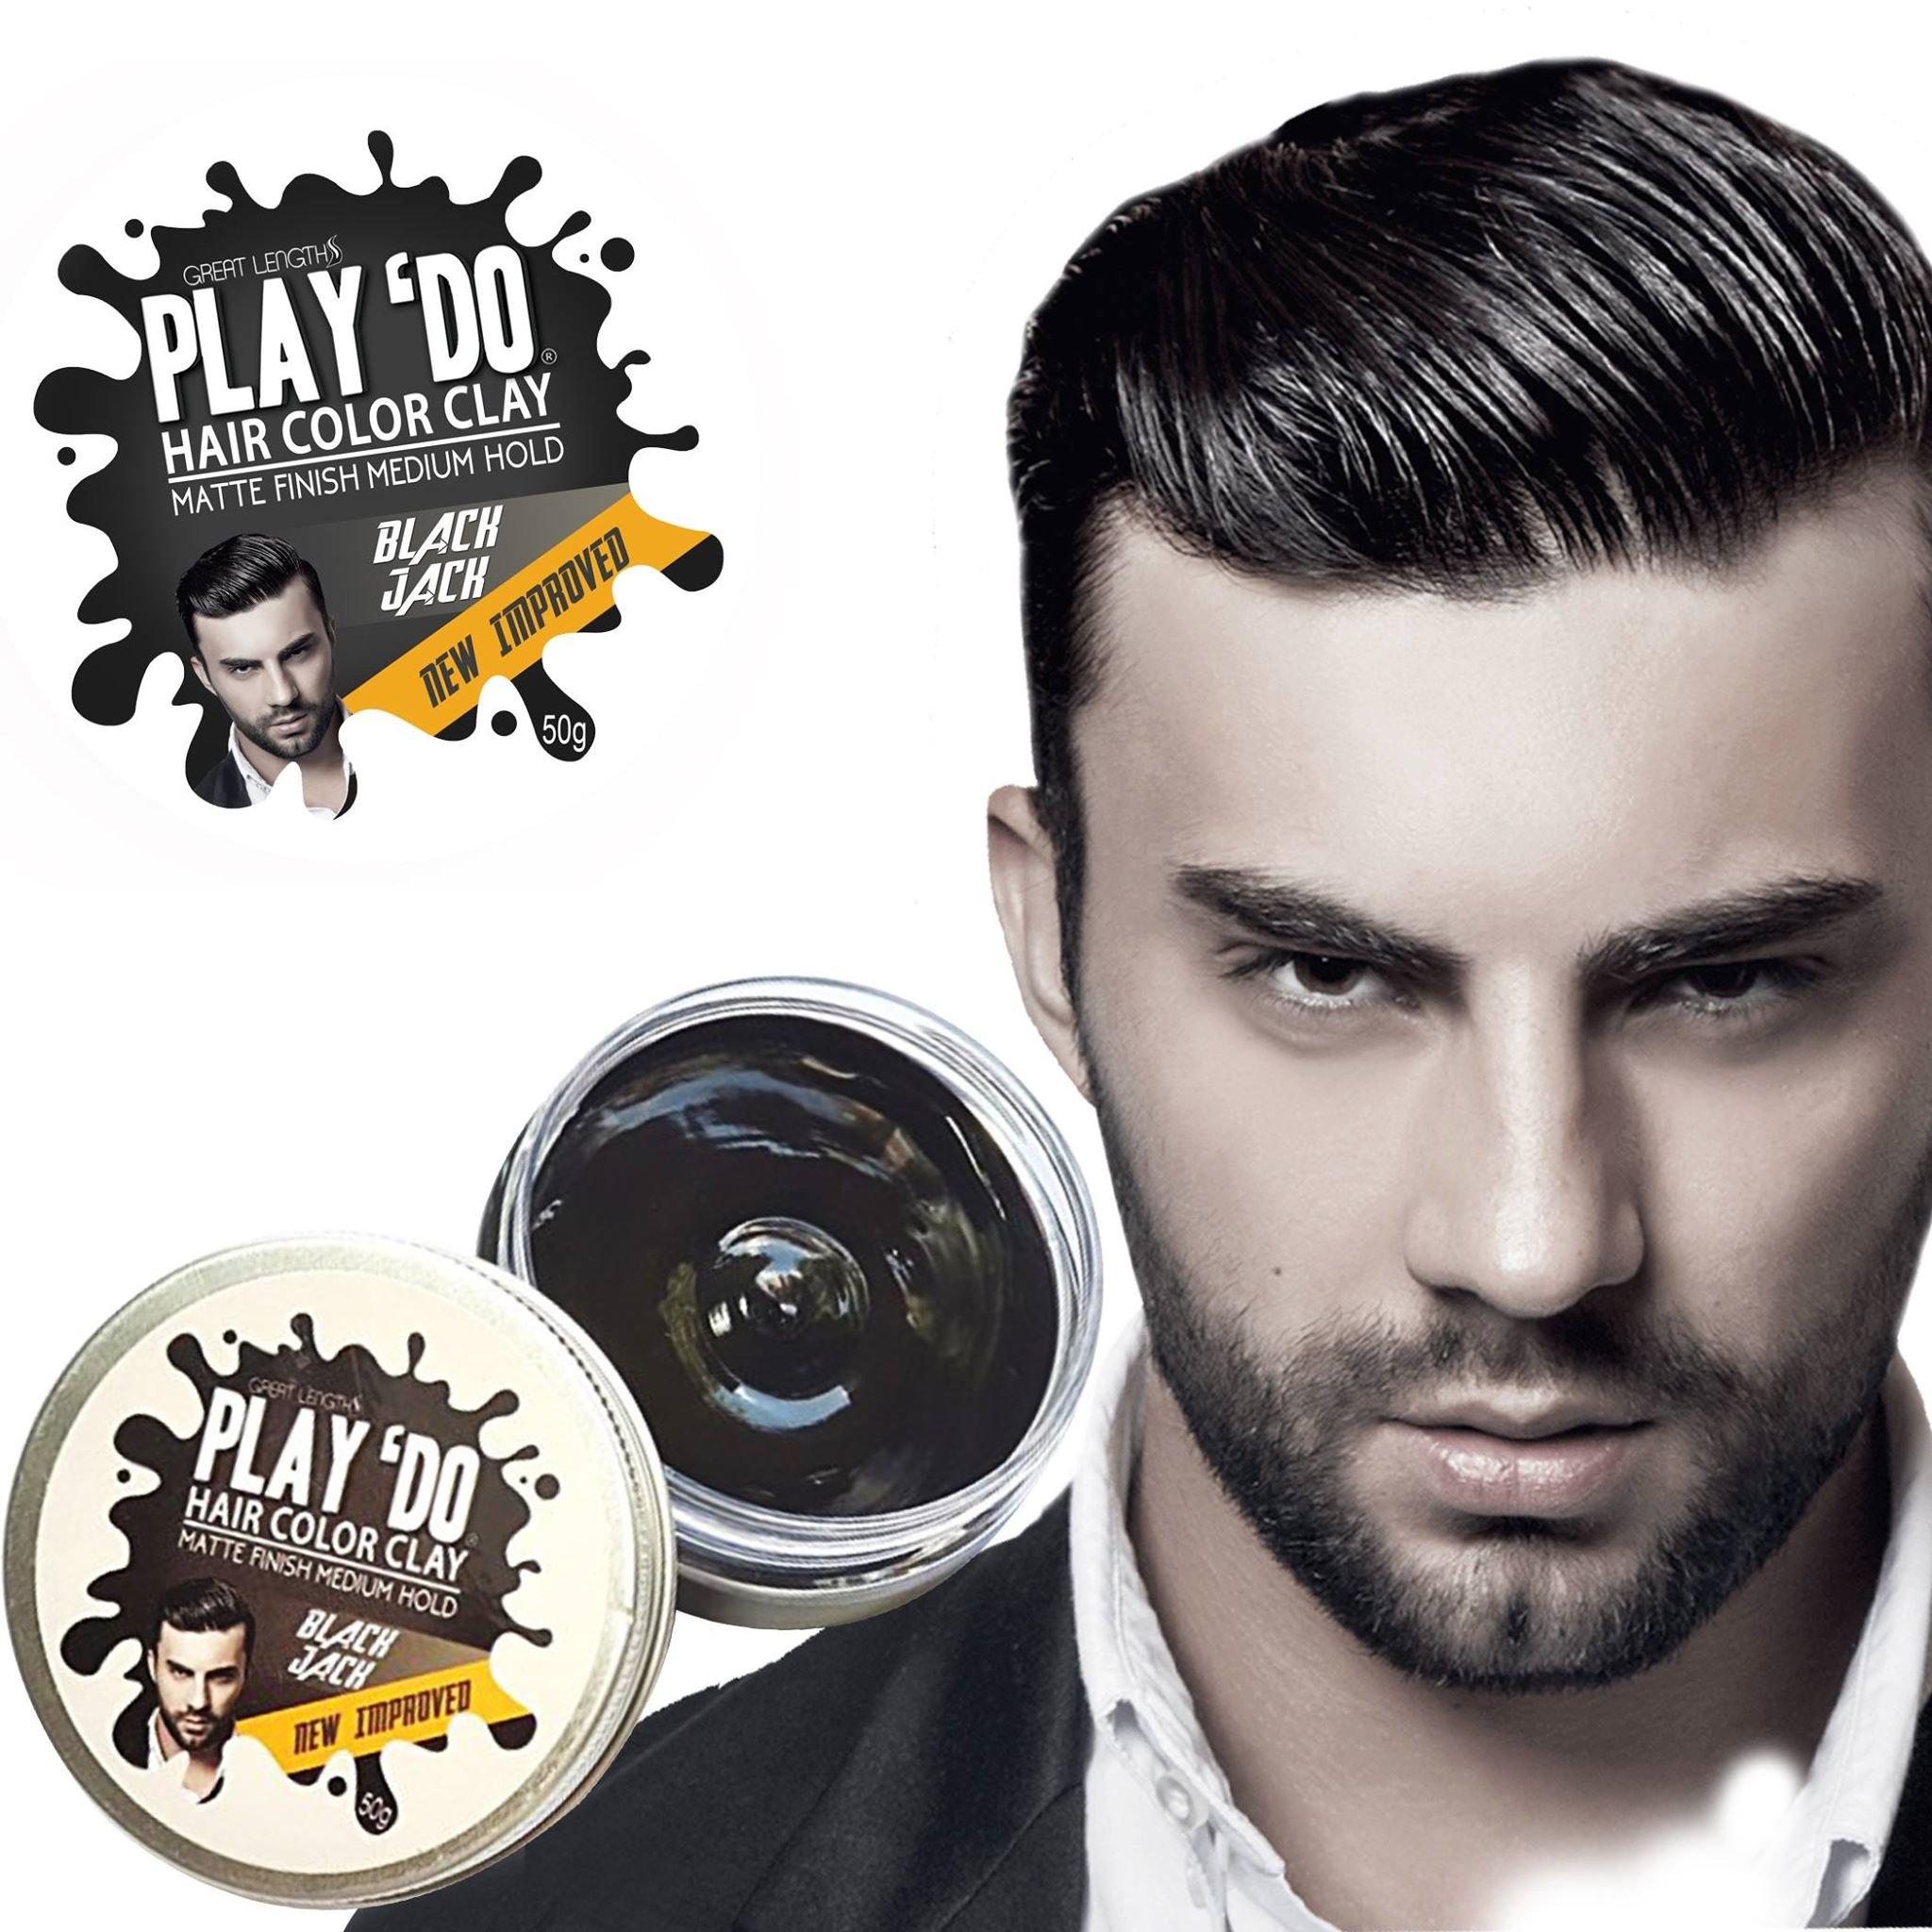 Play 'Do Temporary Hair Color, Hair Wax, Hair Clay, Mens Grooming, Pomade, Black hair dye(1.8 ounces) by Great Lengths (Image #1)